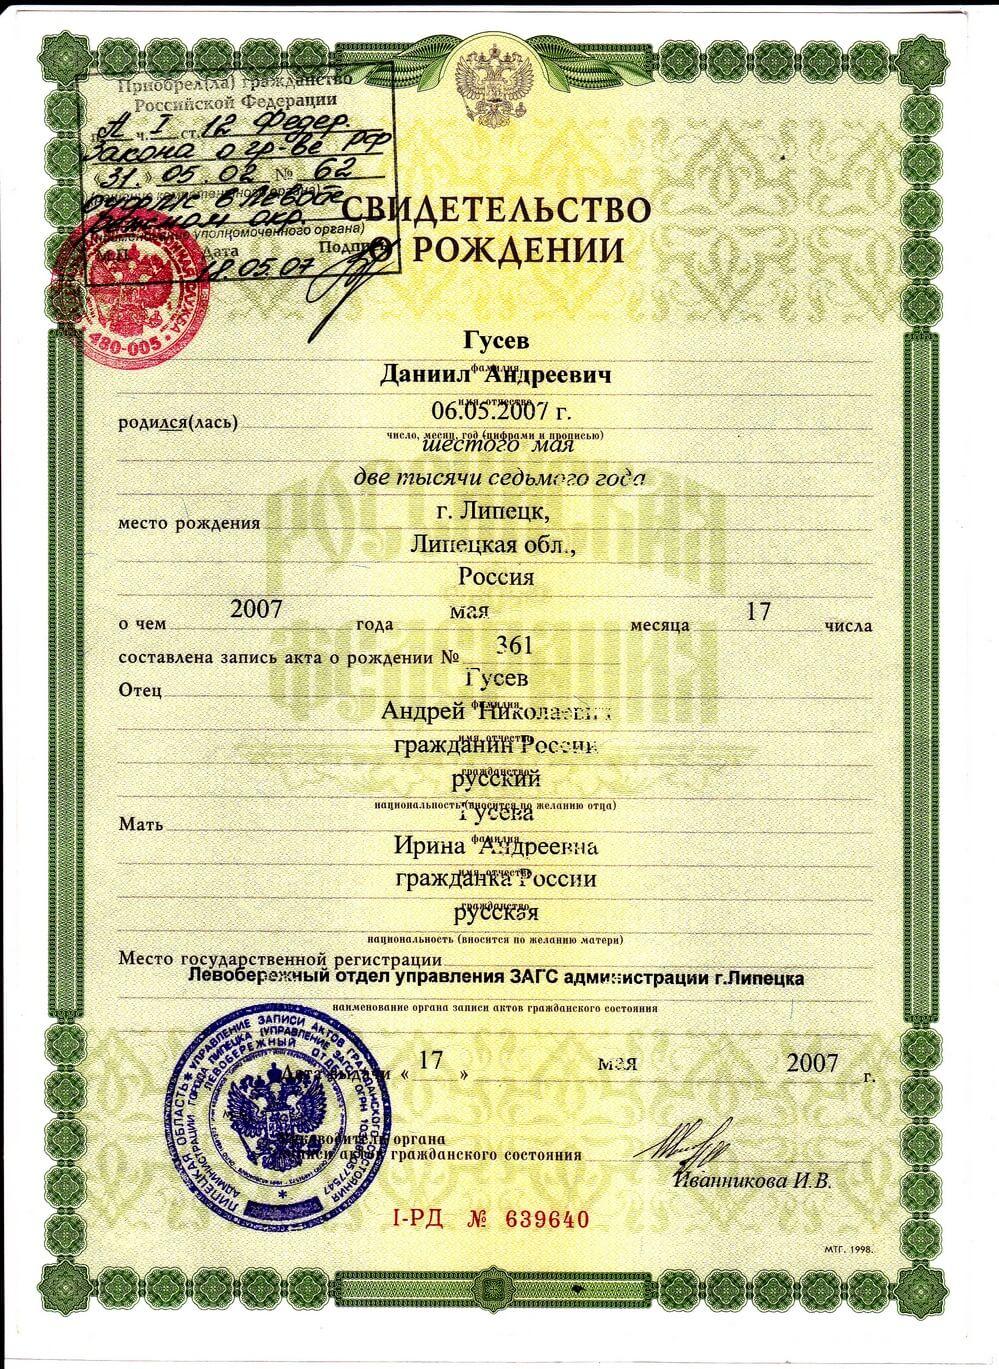 Свидетельство о рождении РФ как альтернативное удостоверение личности